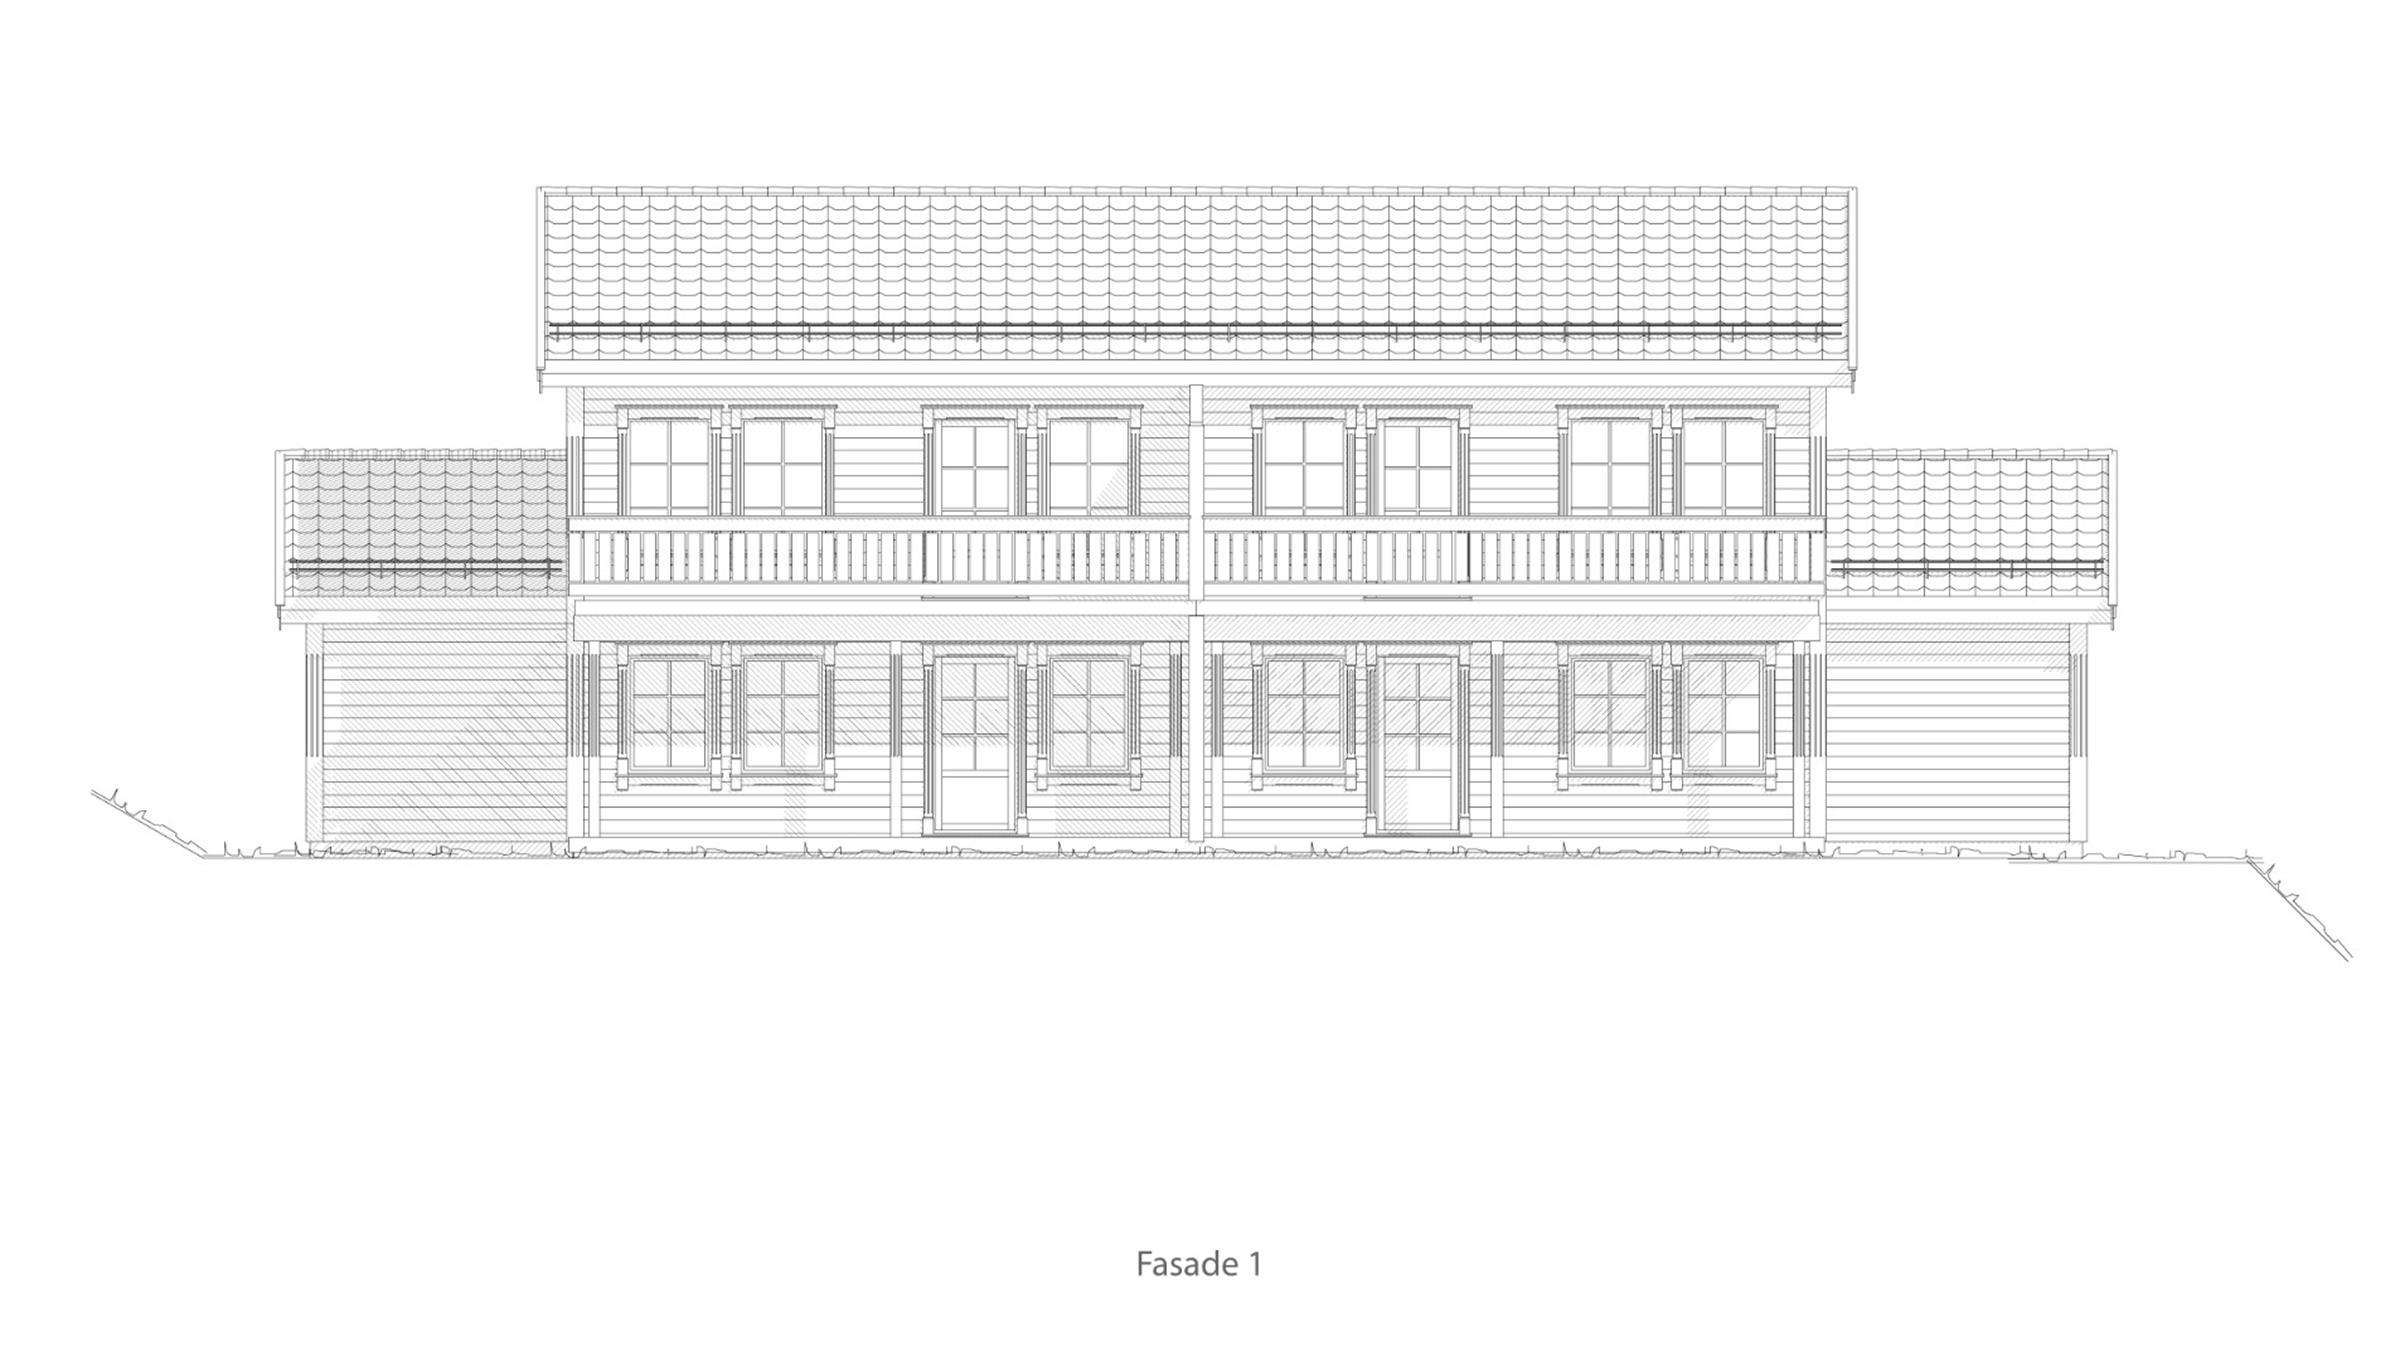 Molde fasade 1